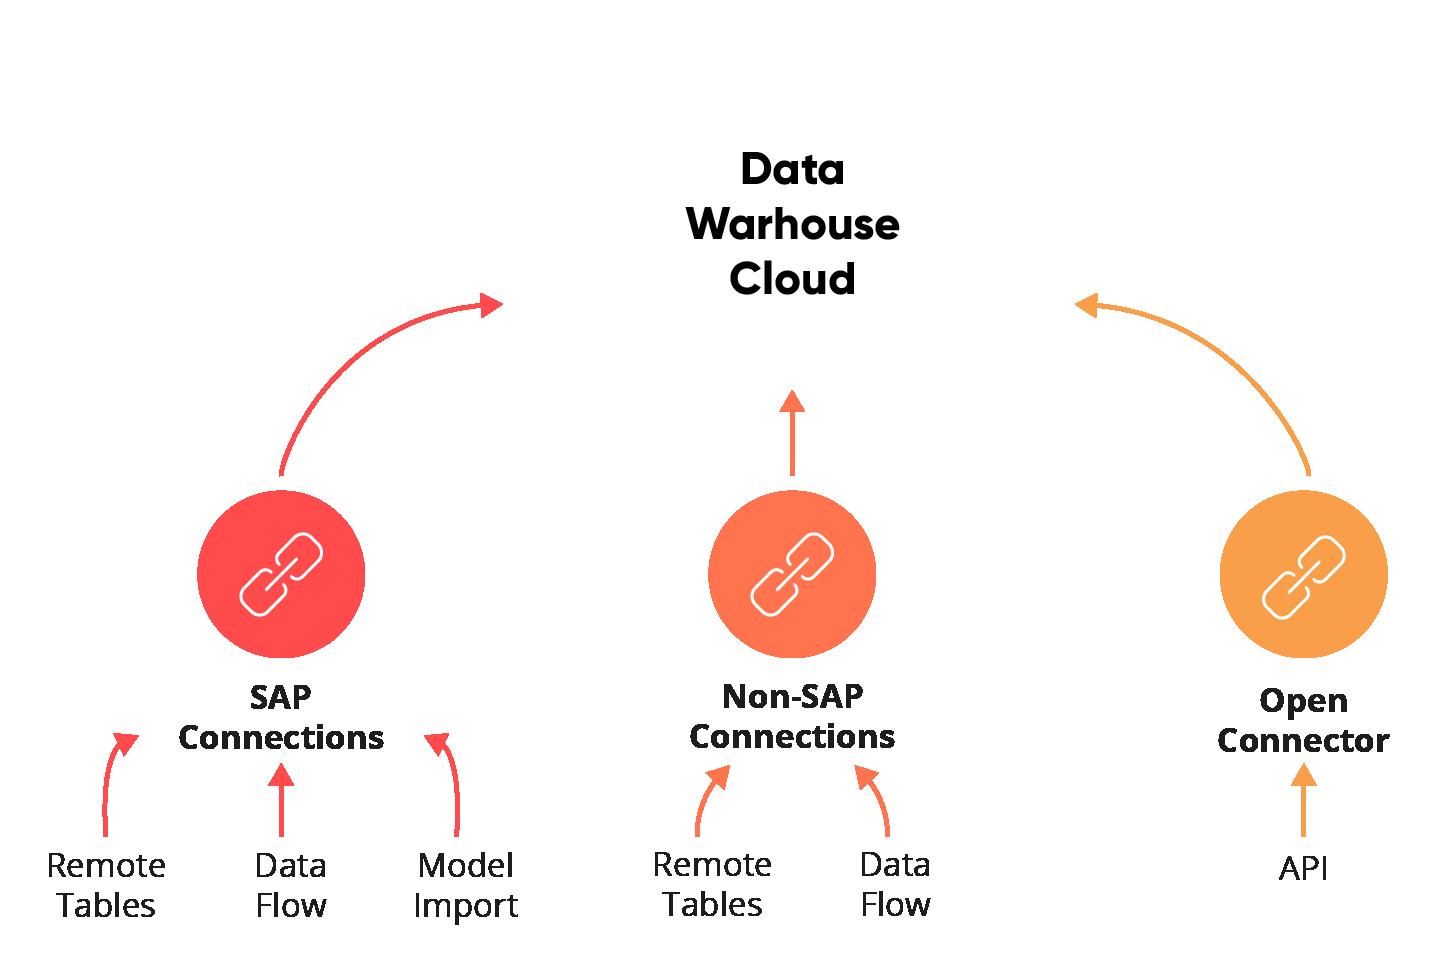 sap-dwh-cloud-connections